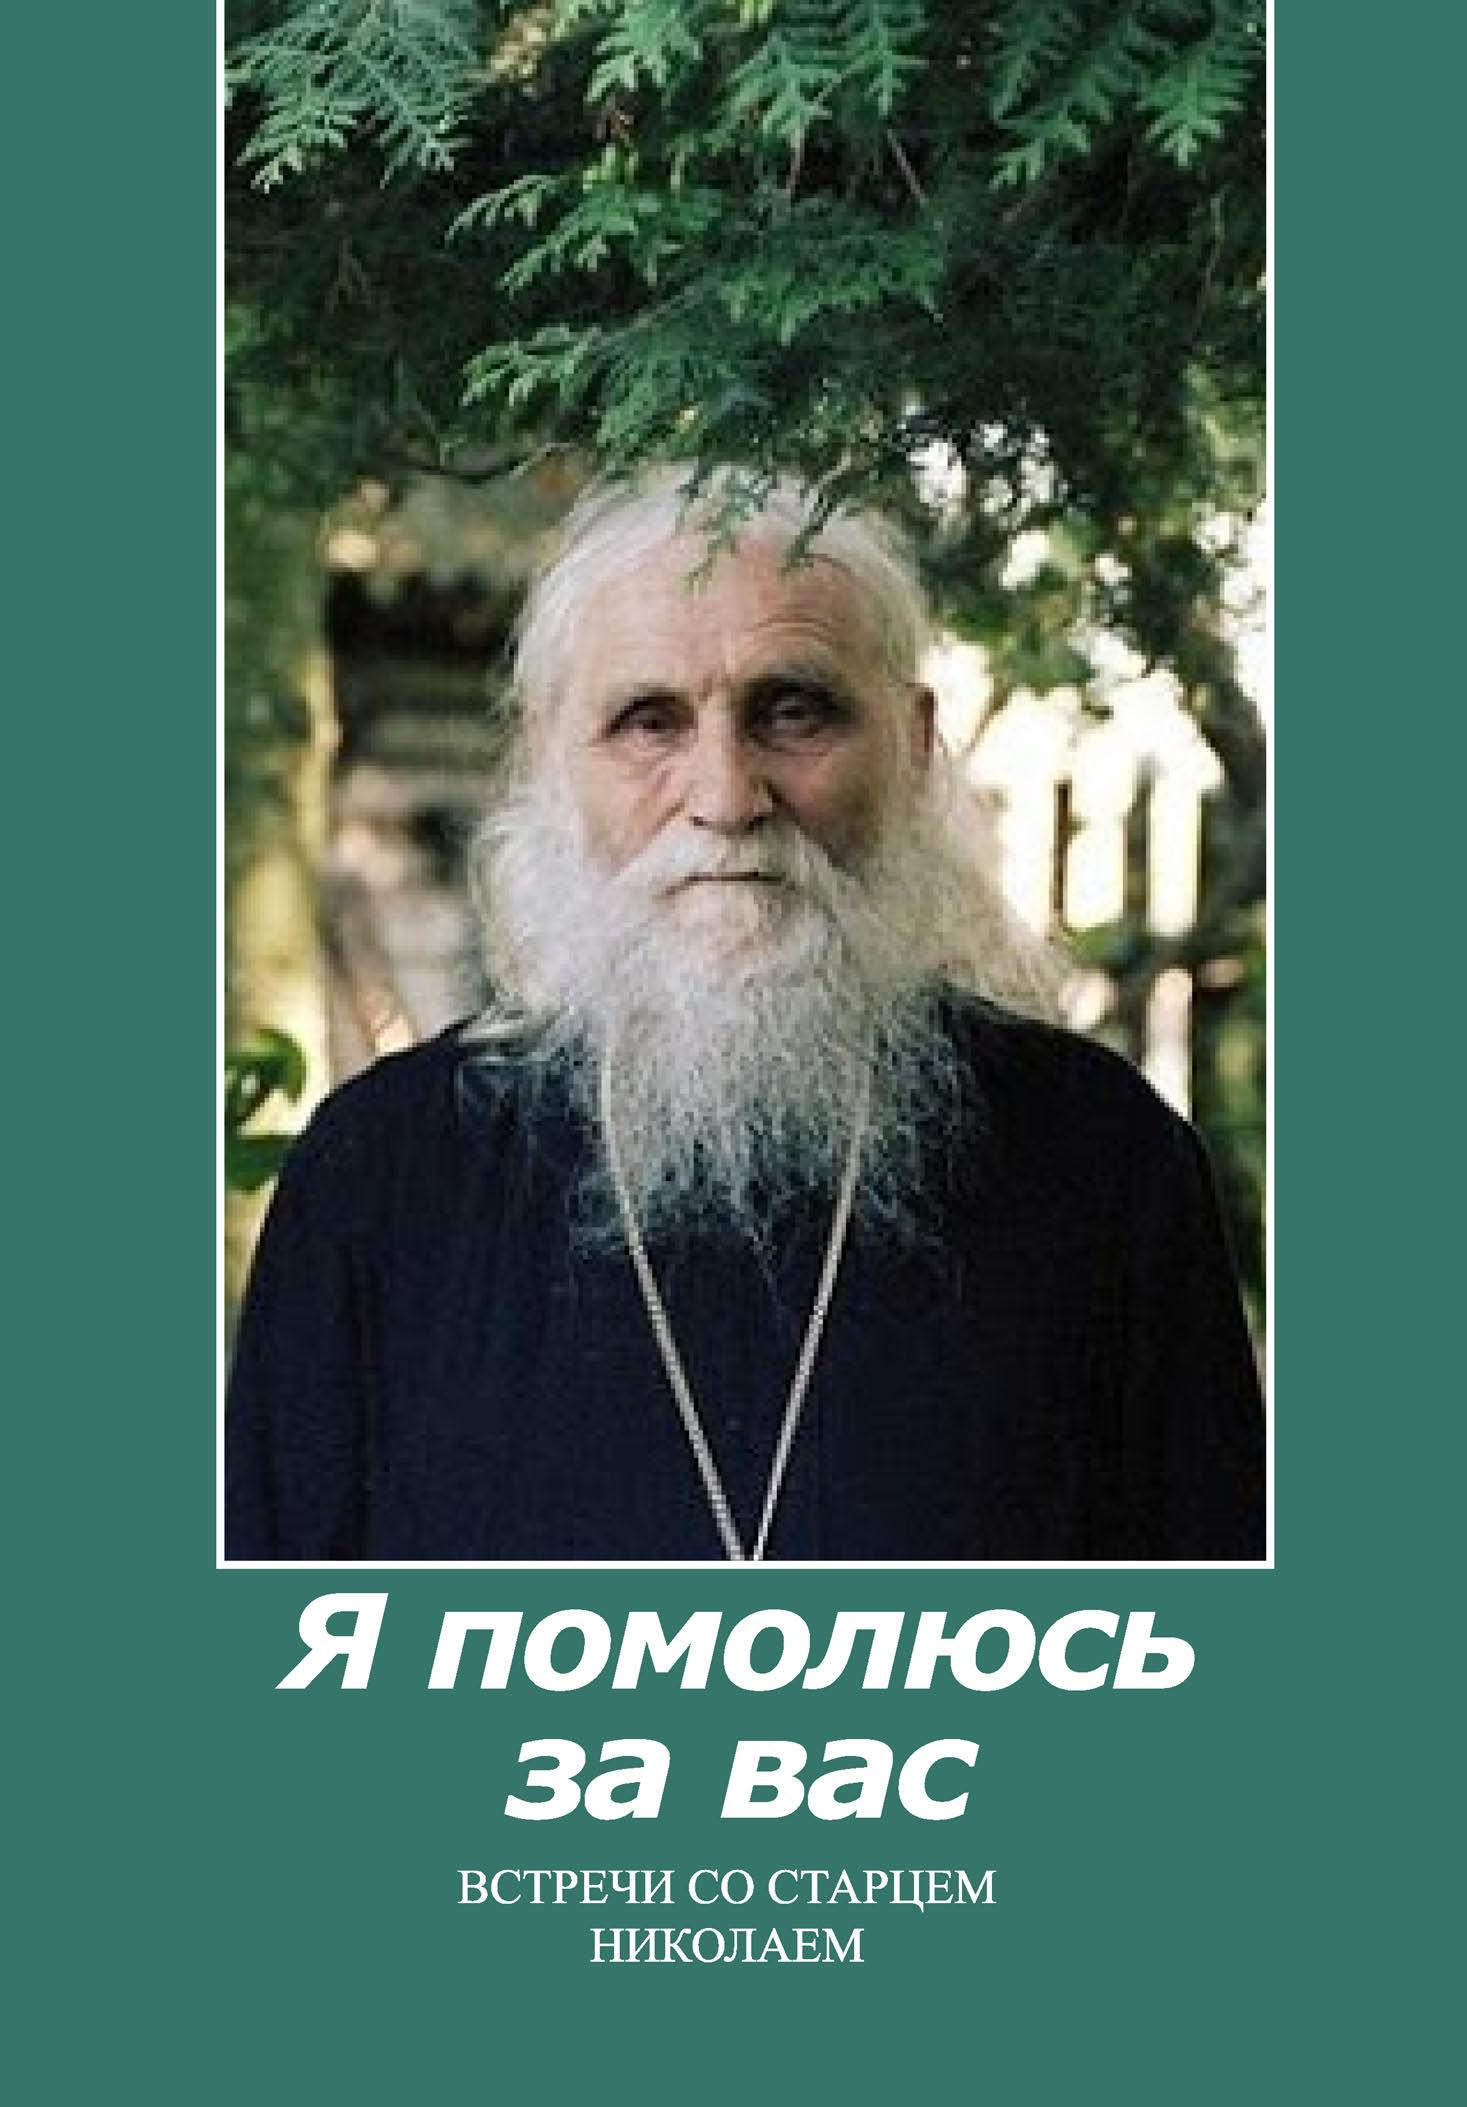 Я помолюсь за вас. Встречи со старцем Николаем